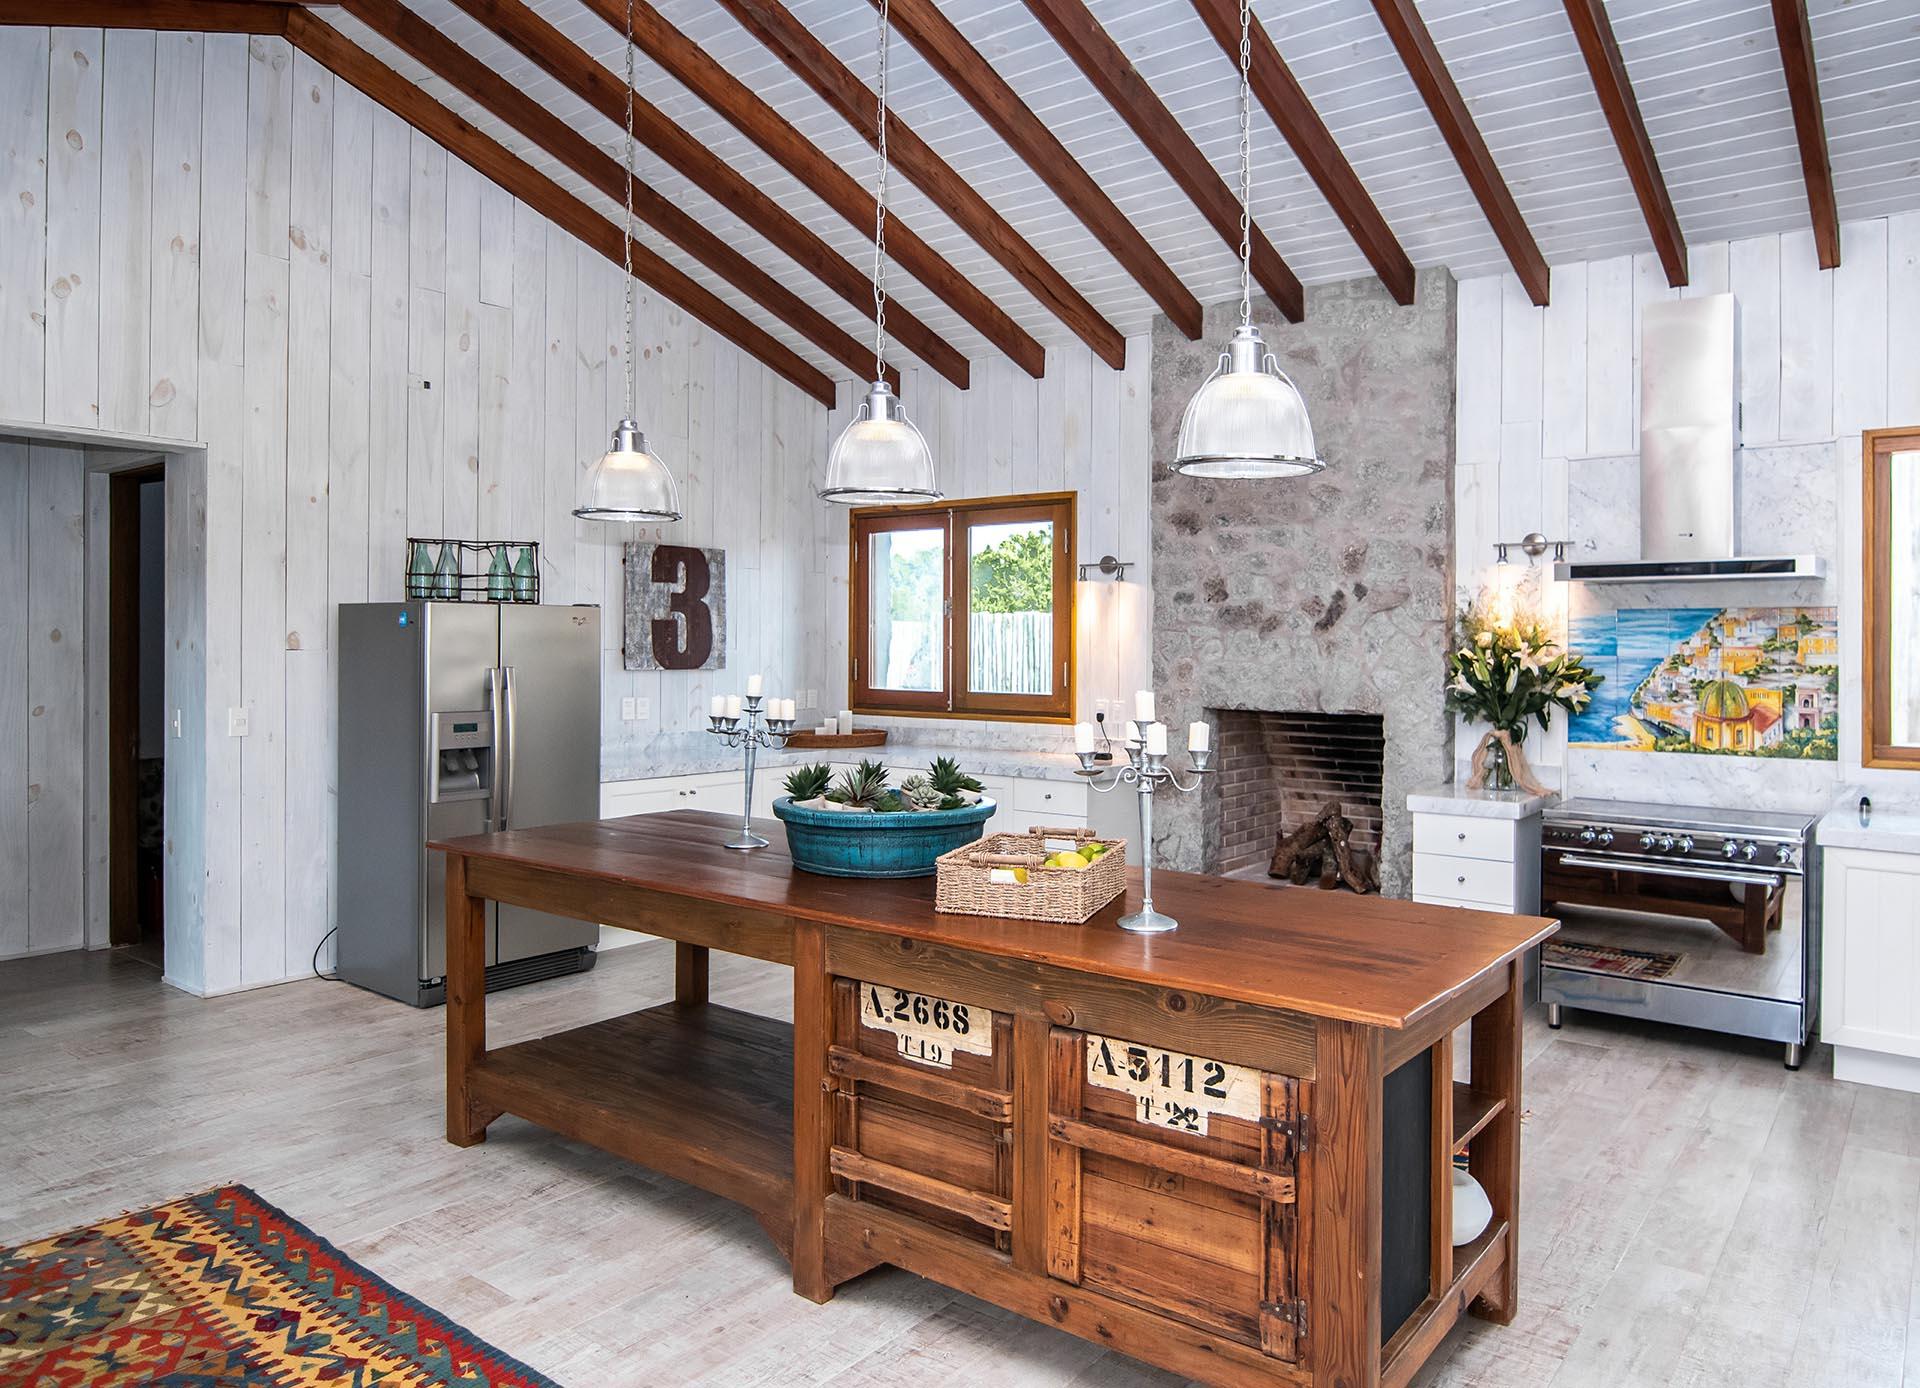 La casa de Susana Giménez tiene una gran mesa de comedor y, también, con un patio privado con parrilla, para disfrutar de una experiencia gastronómica al aire libre